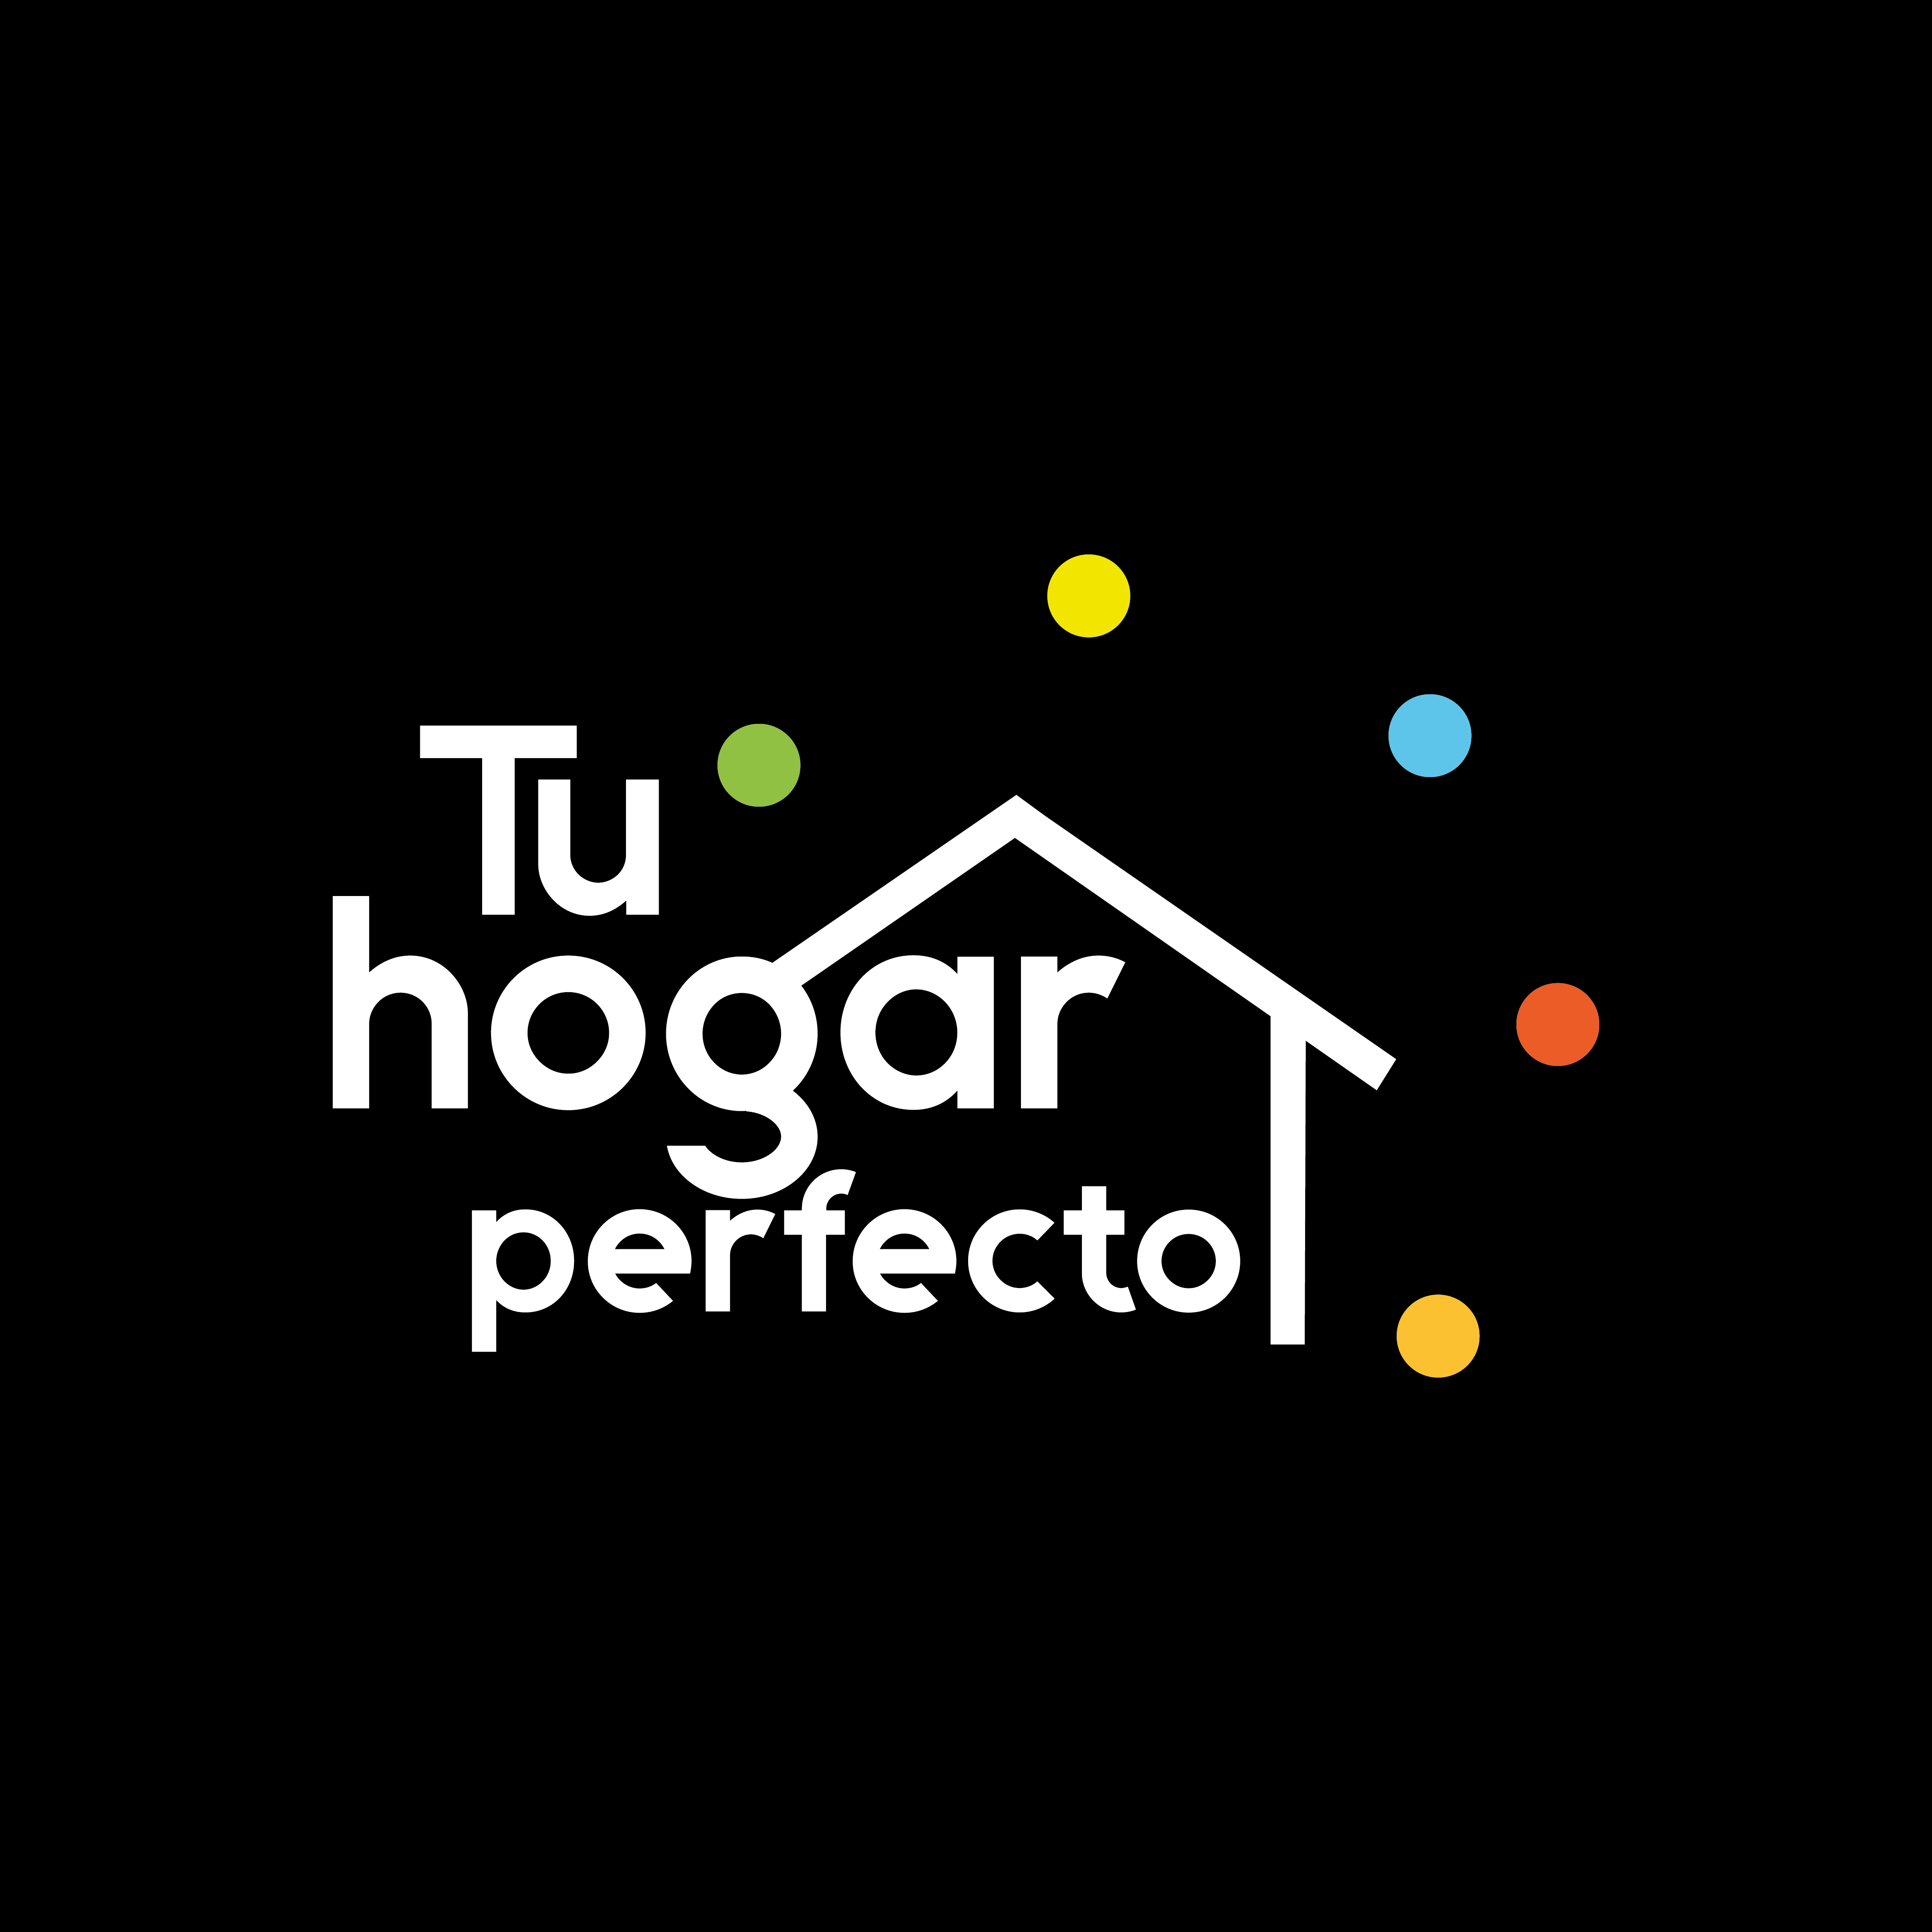 TU HOGAR PERFECTO